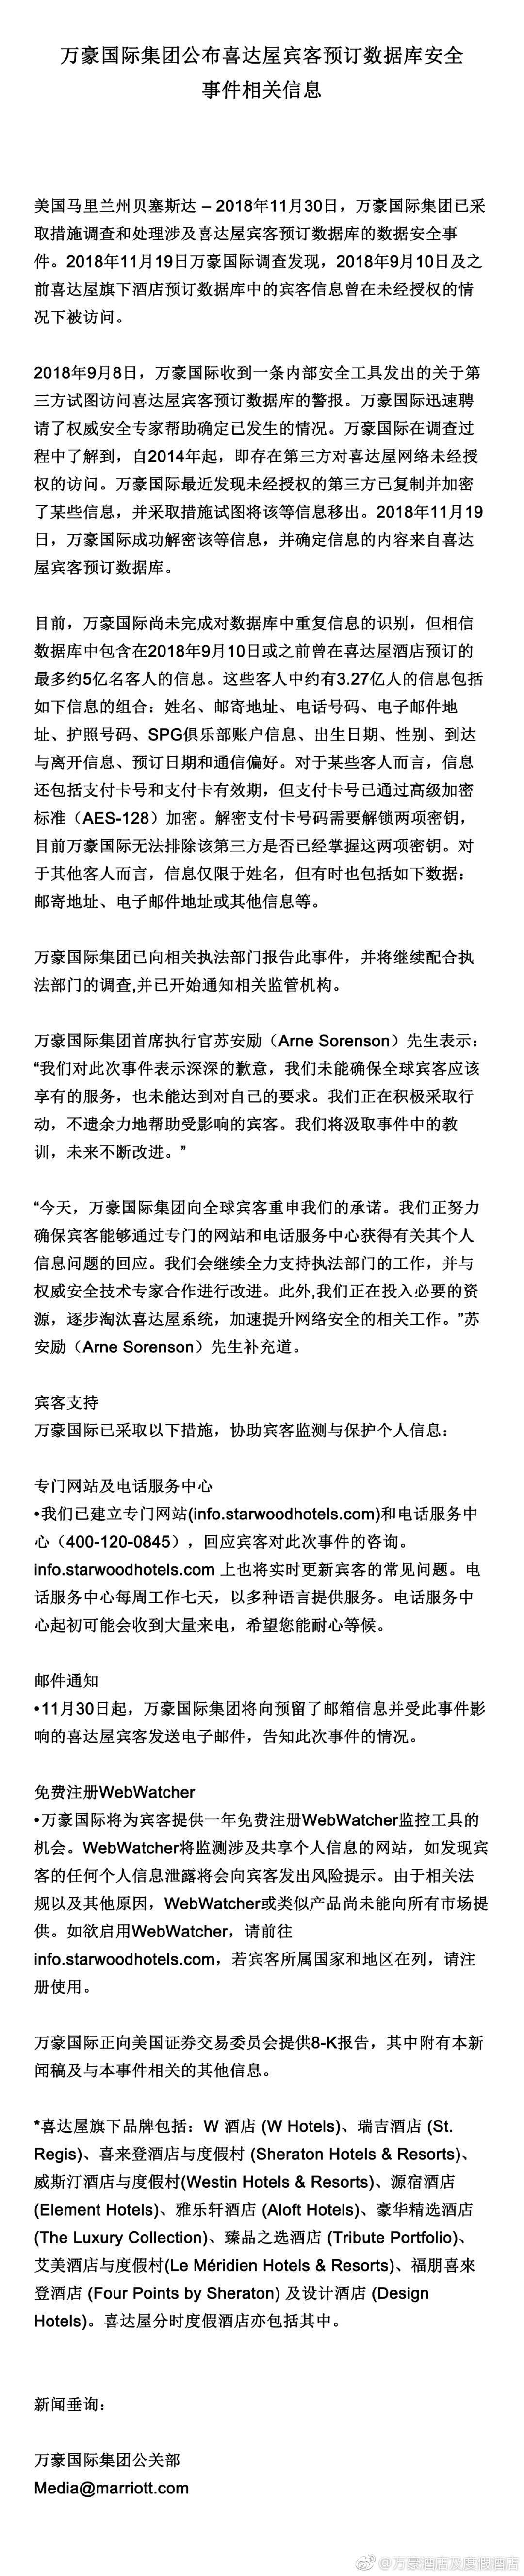 万豪-正给信息遭泄露顾客发邮件 正调查是否涉及中国 证券资讯